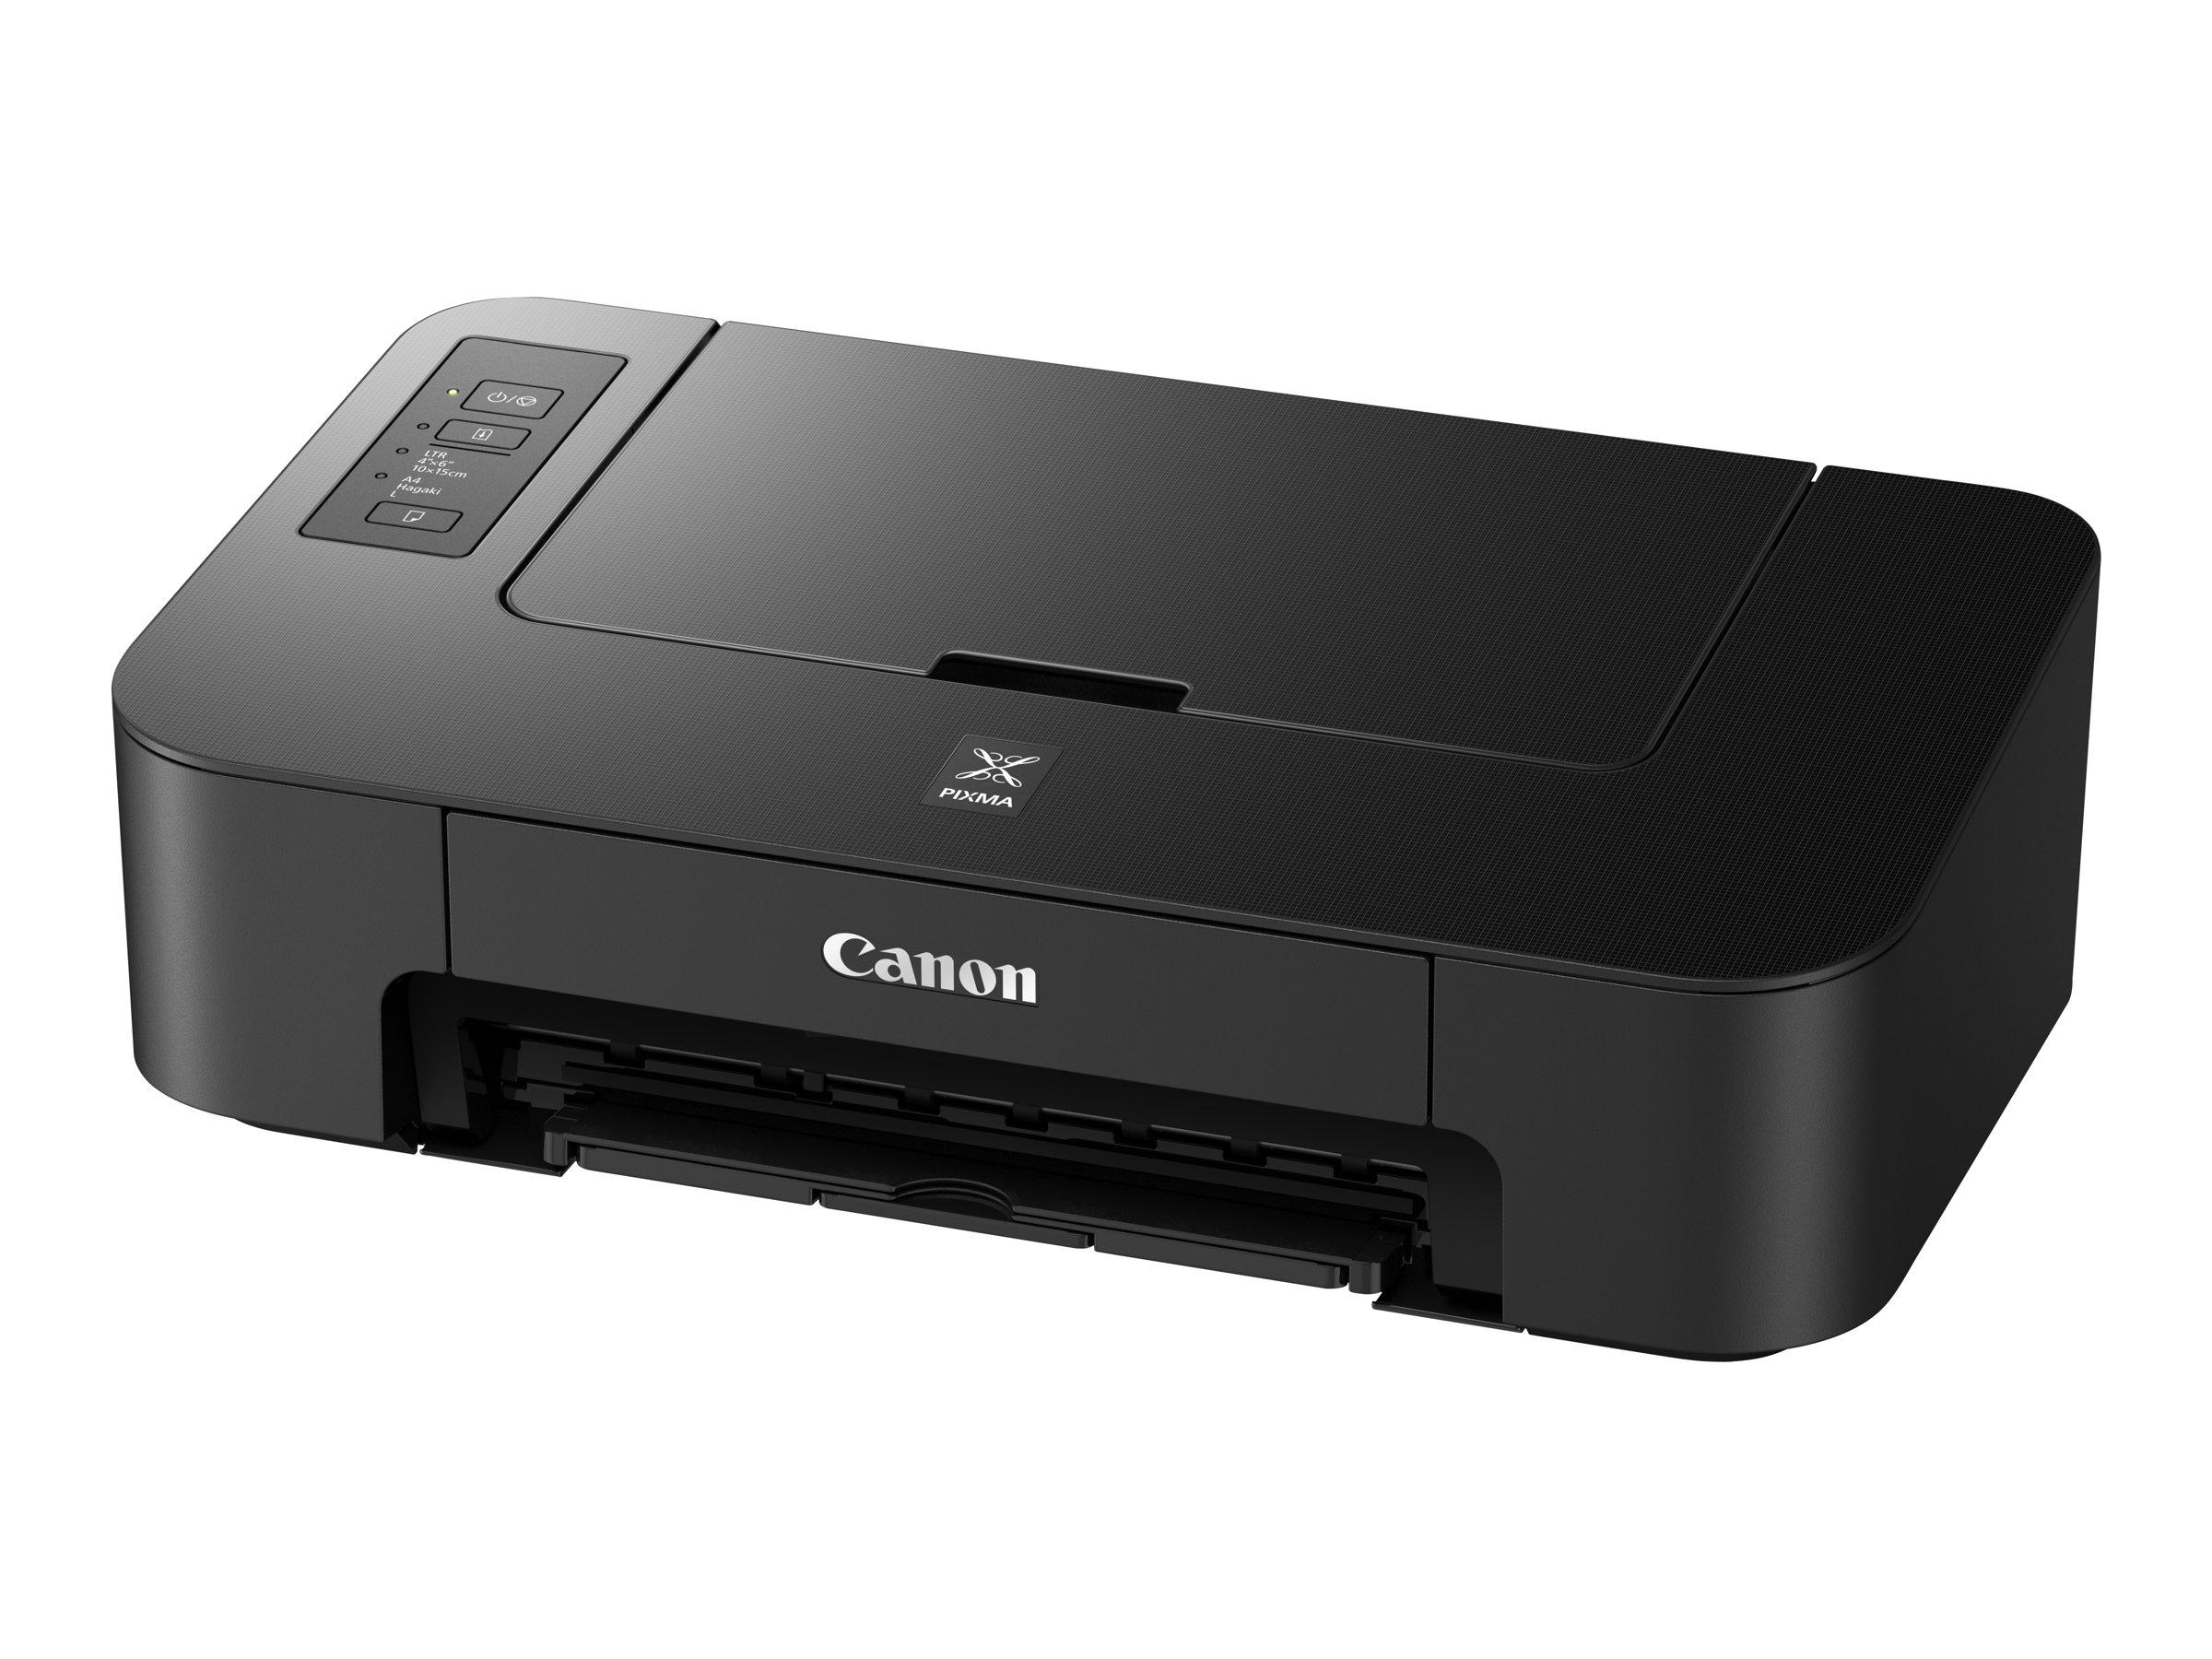 Canon PIXMA TS205 - Drucker - Farbe - Tintenstrahl - A4/Letter - bis zu 7.7 ipm (einfarbig)/ bis zu 4 ipm (Farbe)